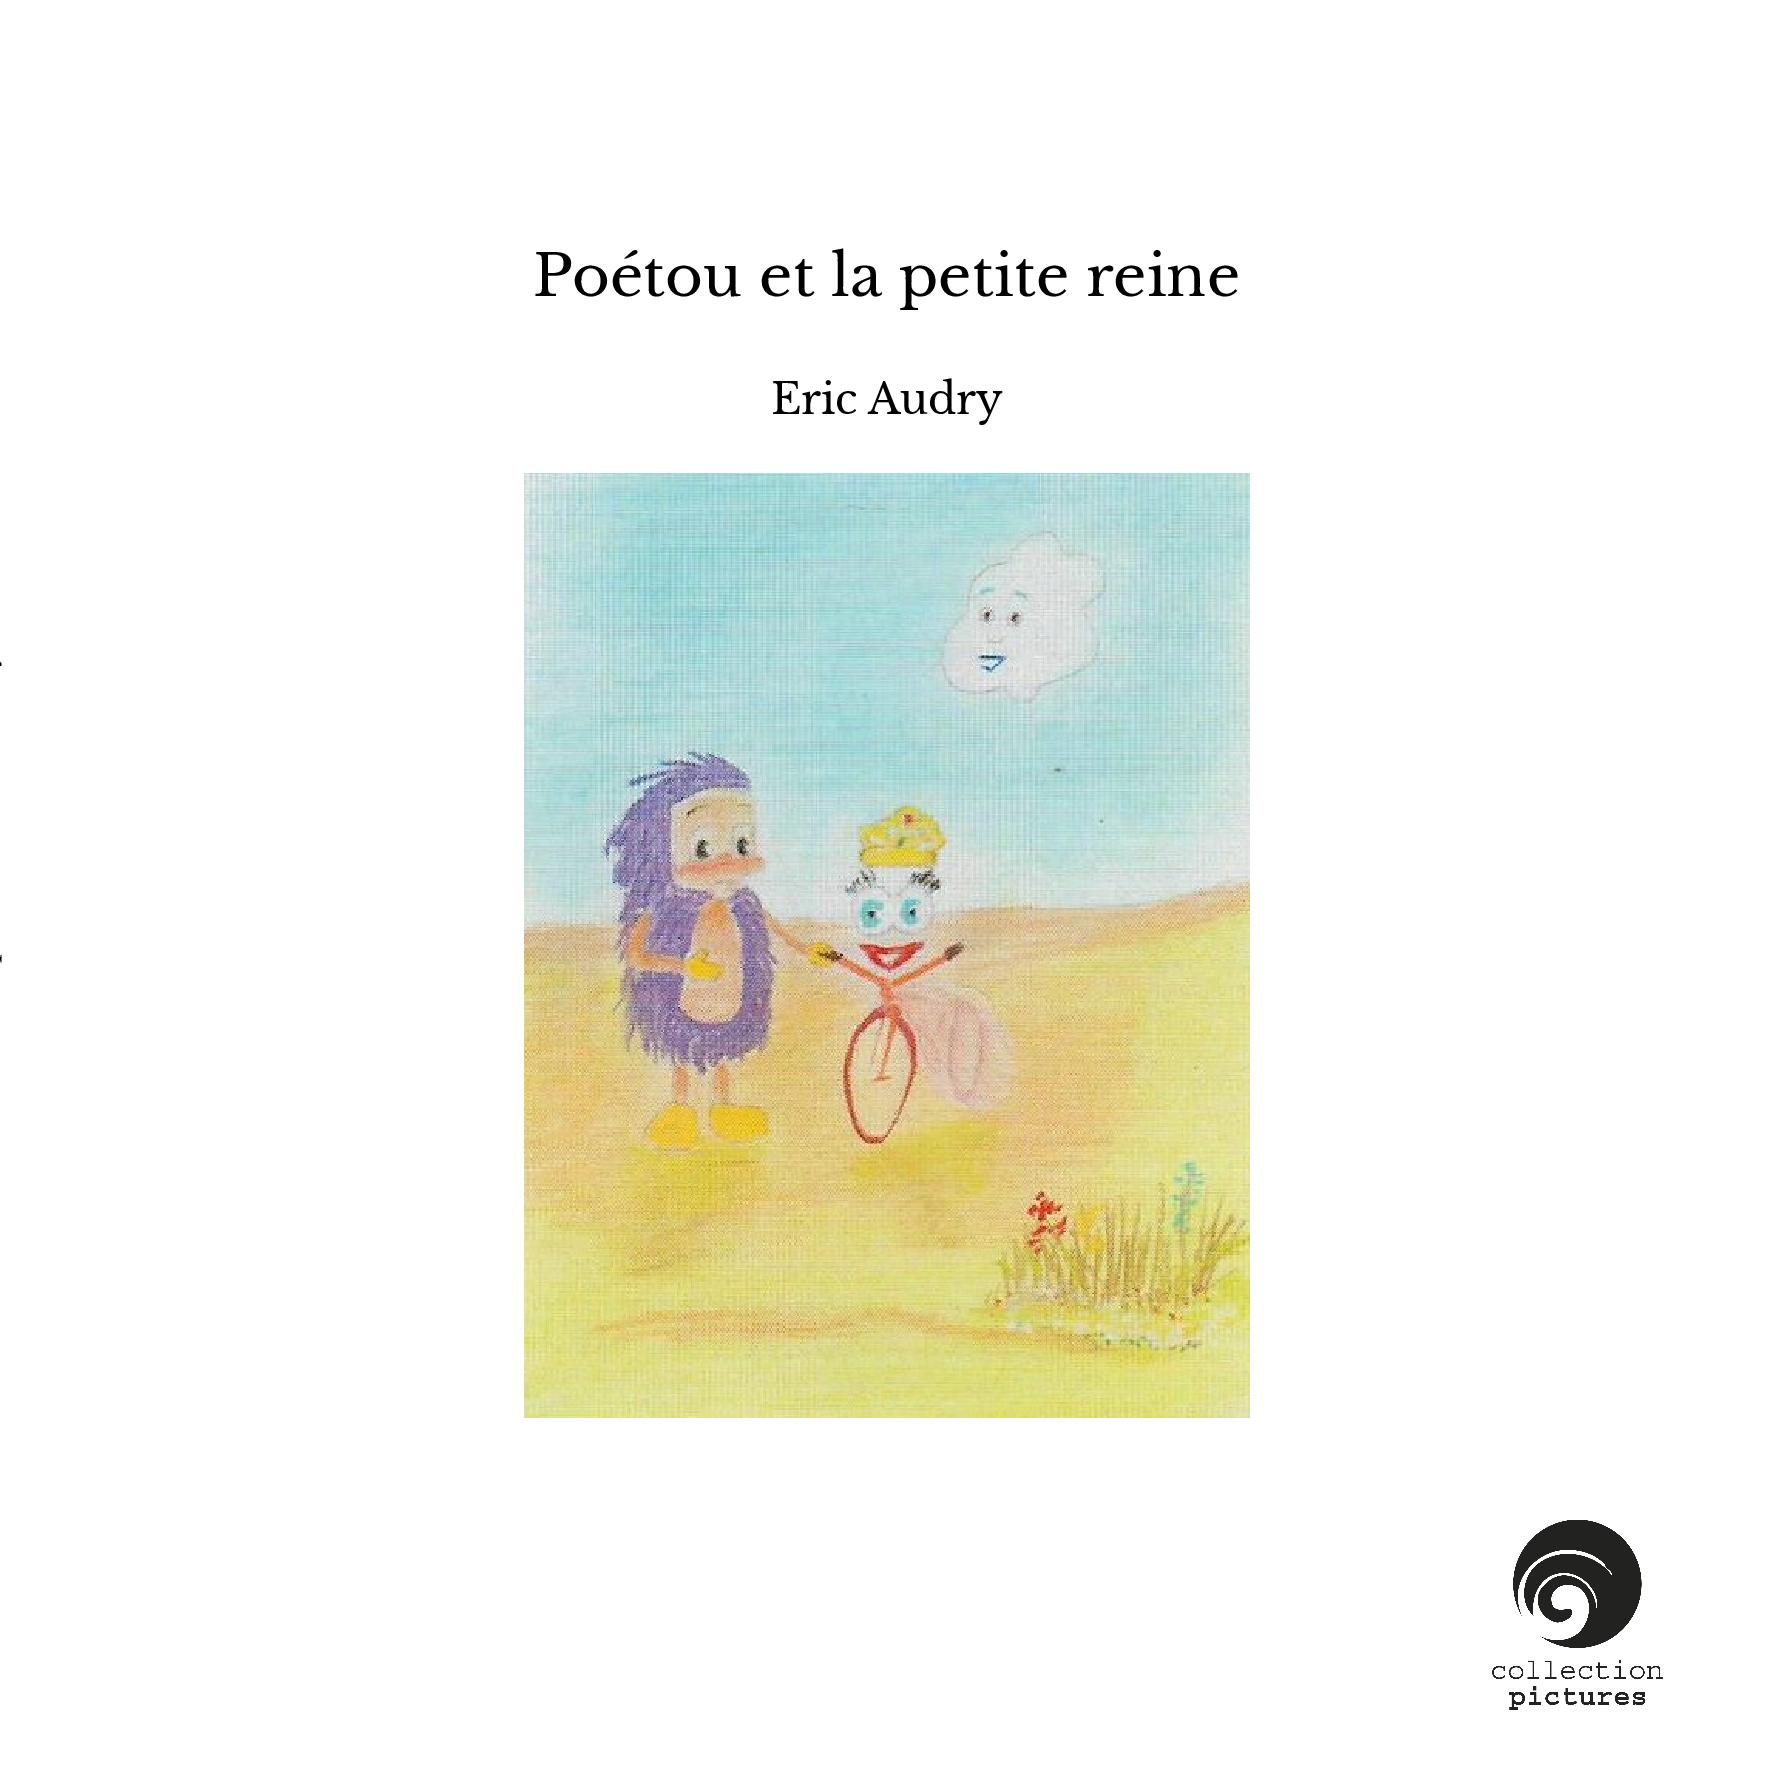 Poétou et la petite reine